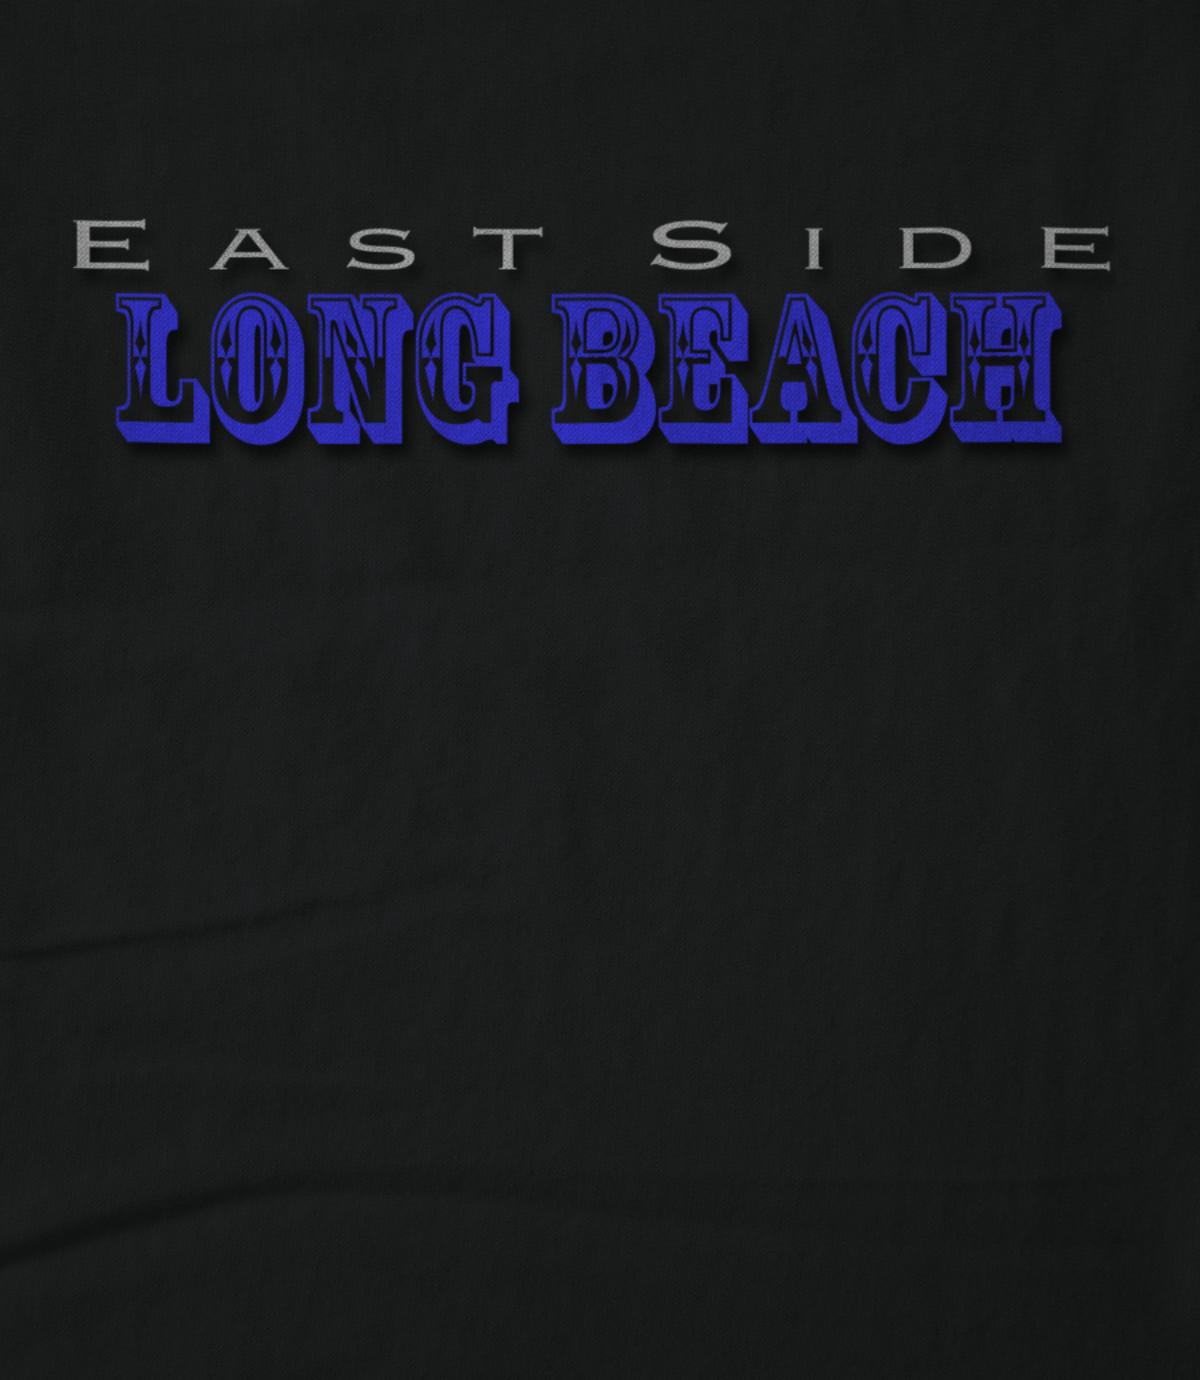 Tmsd east side long beach 1543863341